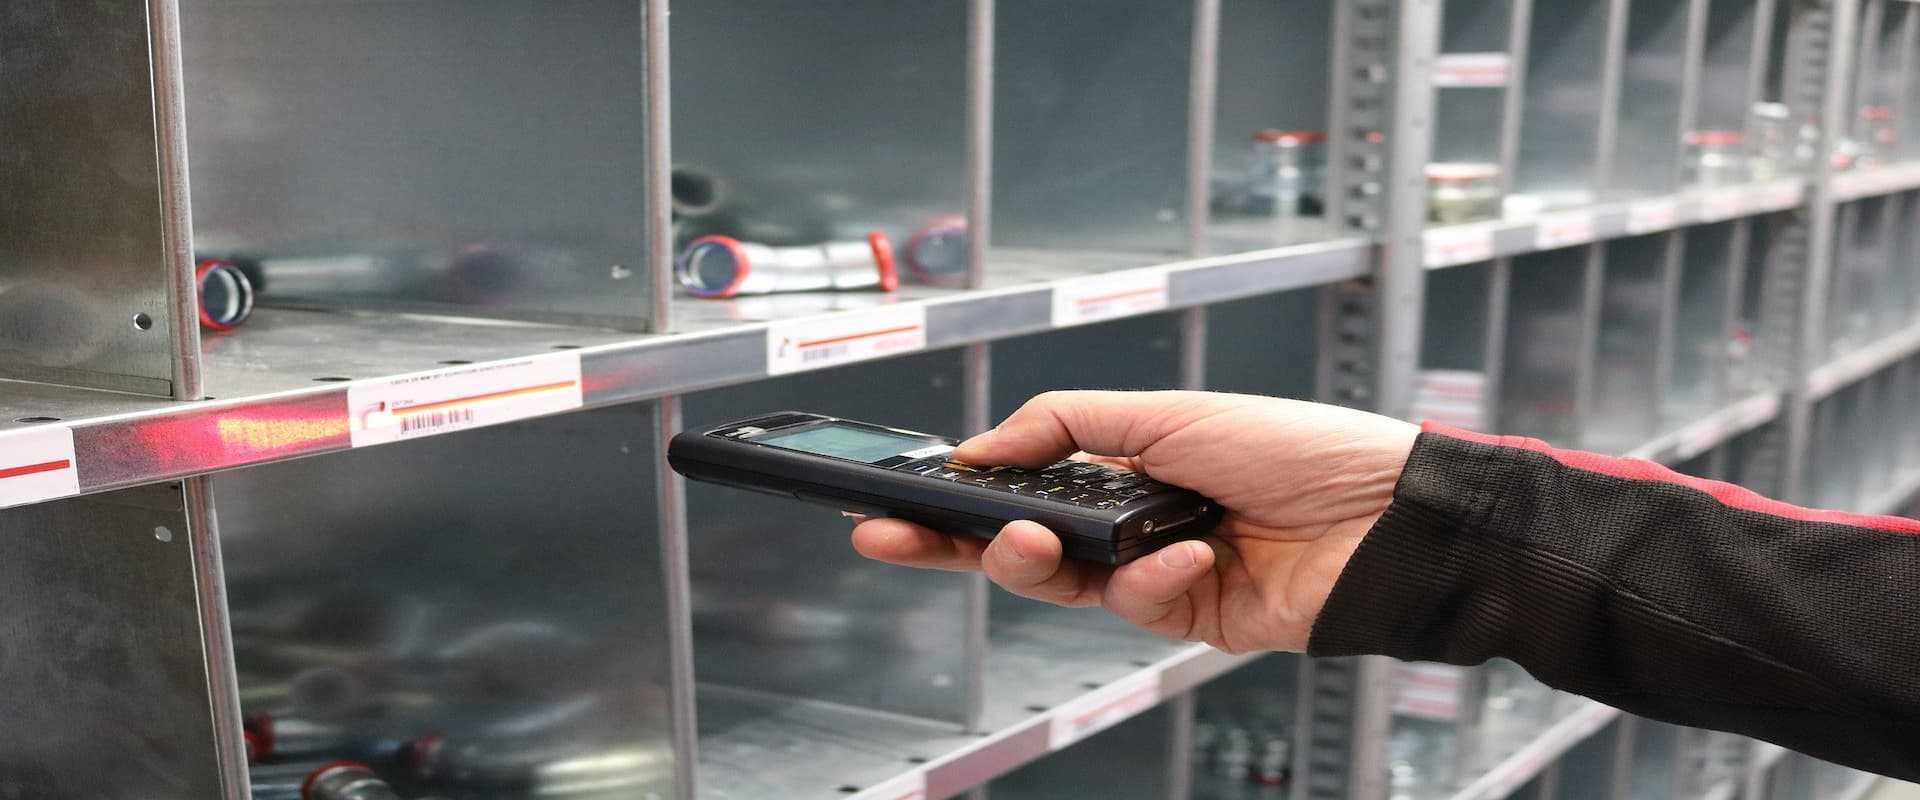 Mit MDE Geräten und Smartphones die Inventur stressfrei durchführen